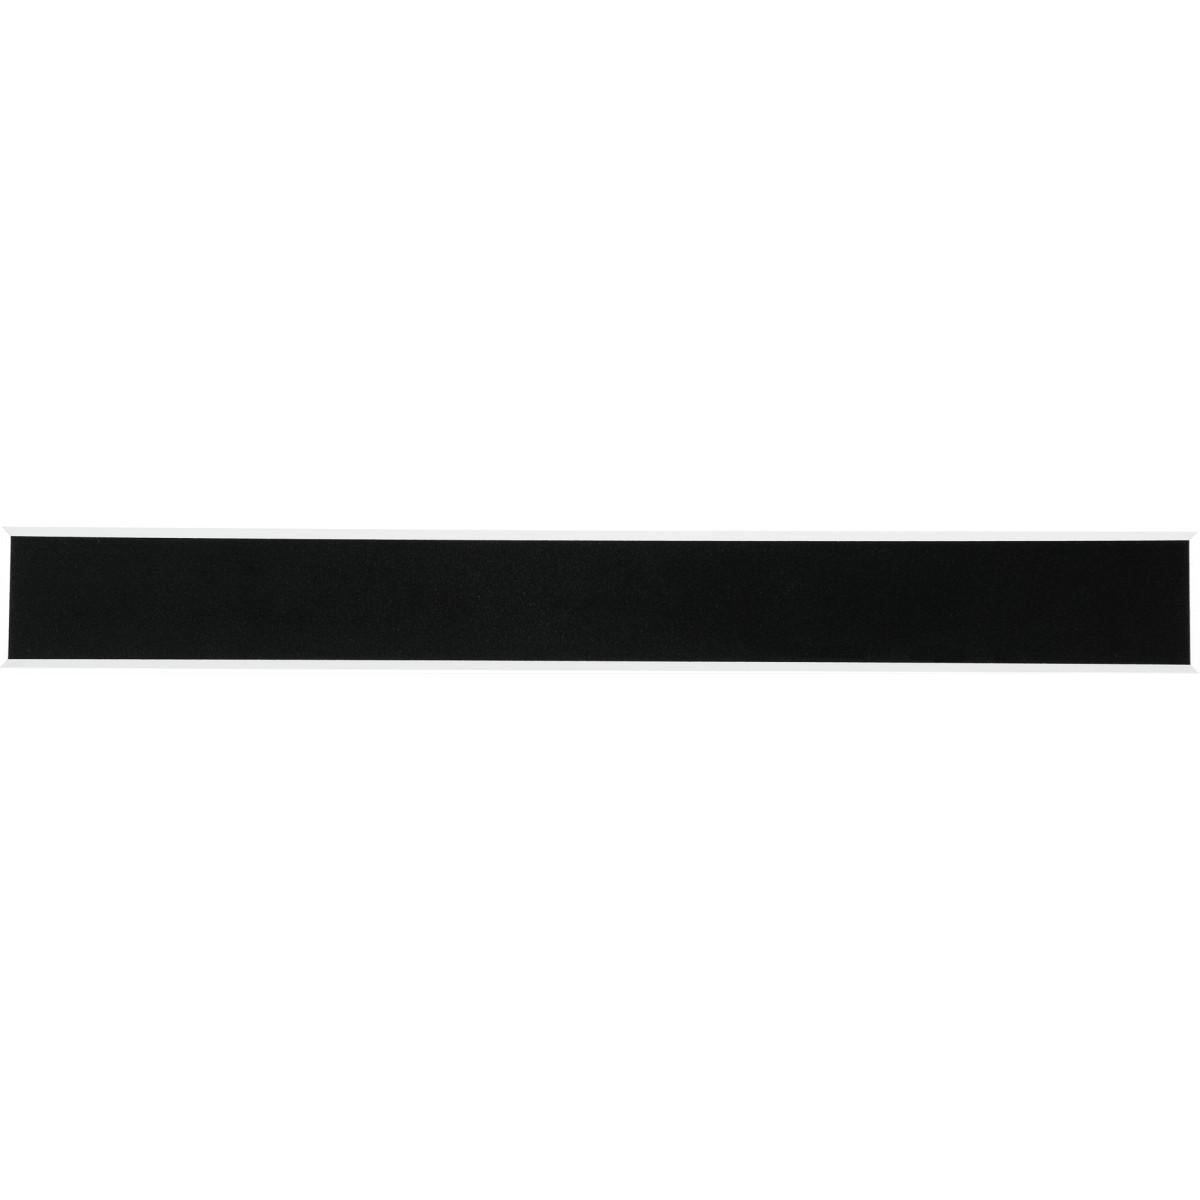 Ручка-Скоба Мебельная S-4130 160 Цвет Матовый Черный